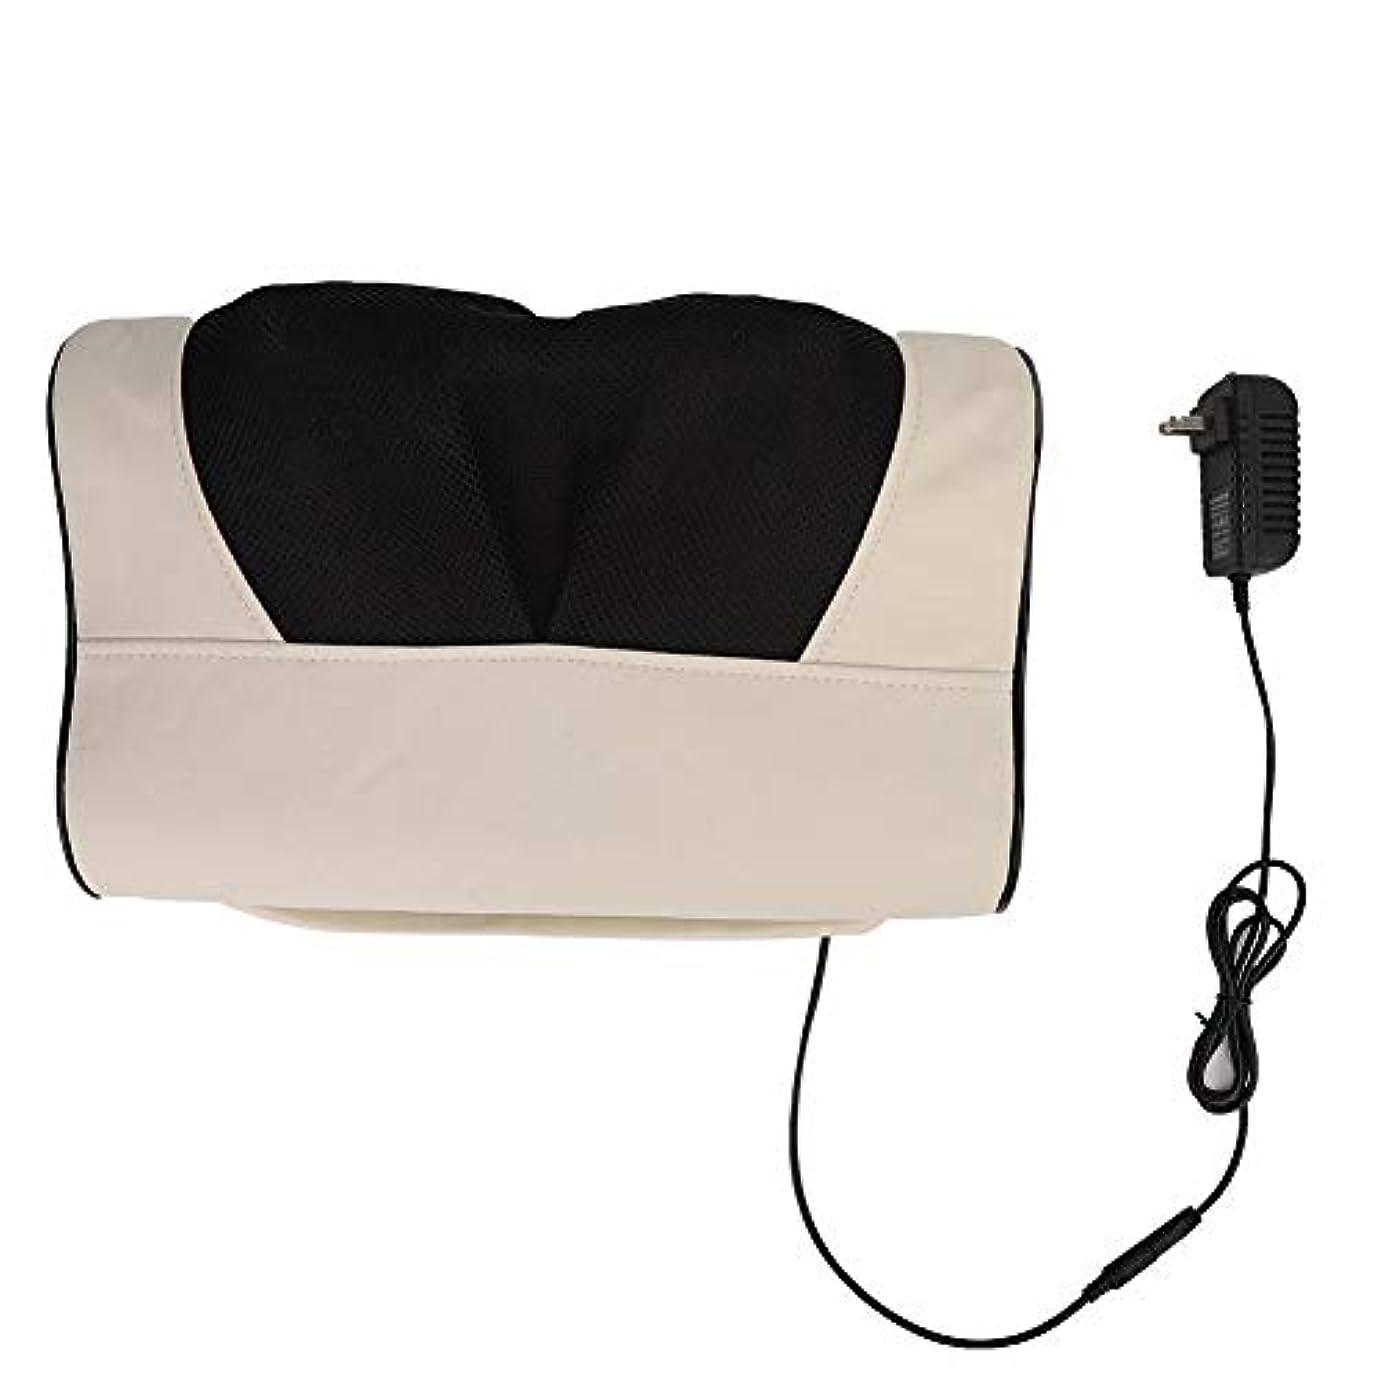 一回銀行解決マッサージ枕、多機能頸椎ネックショルダーマッサージャー電動マッサージ枕